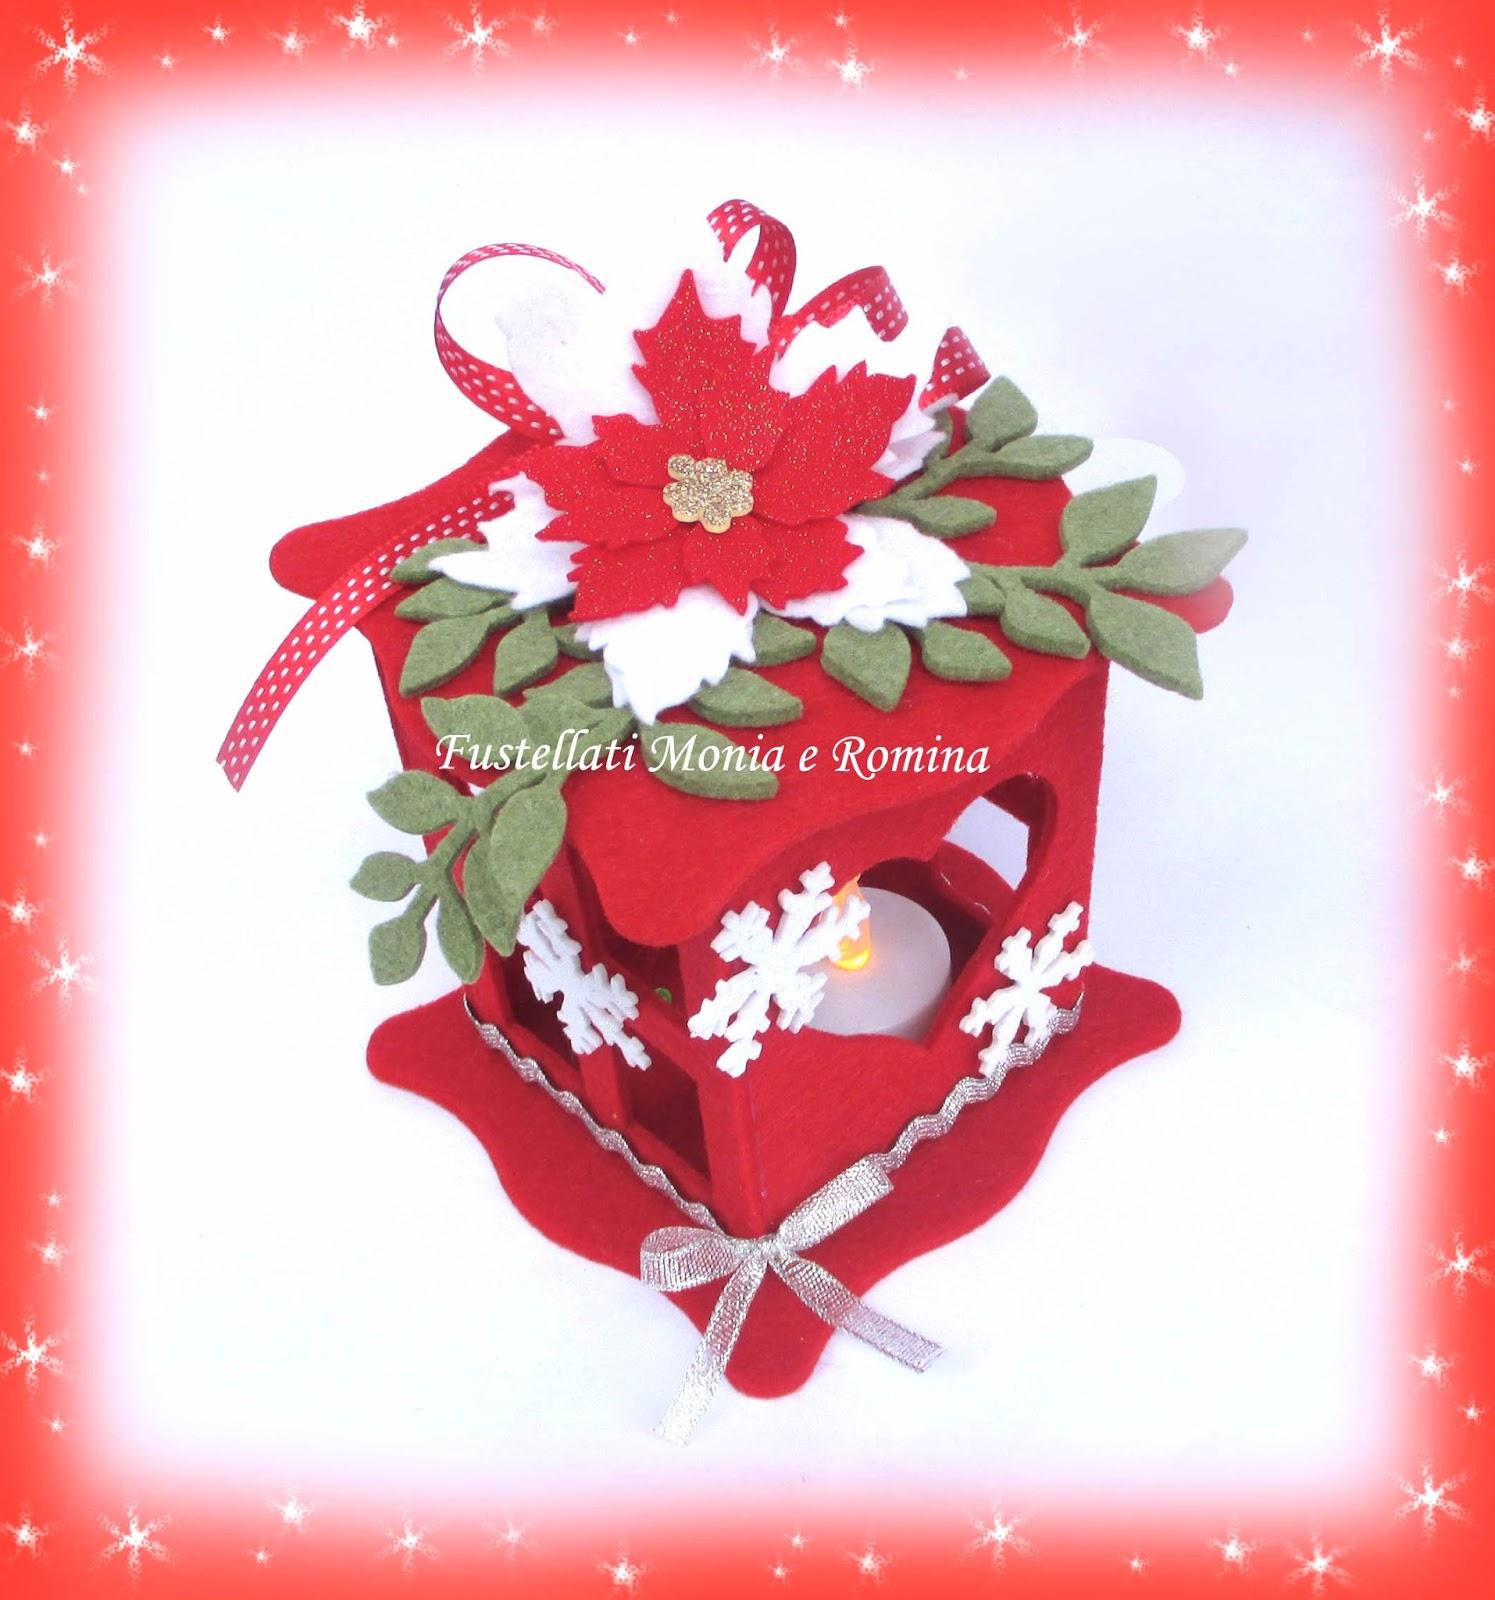 Esempi Lanterne In Feltro Con Decorazioni Di Natale Fustellati